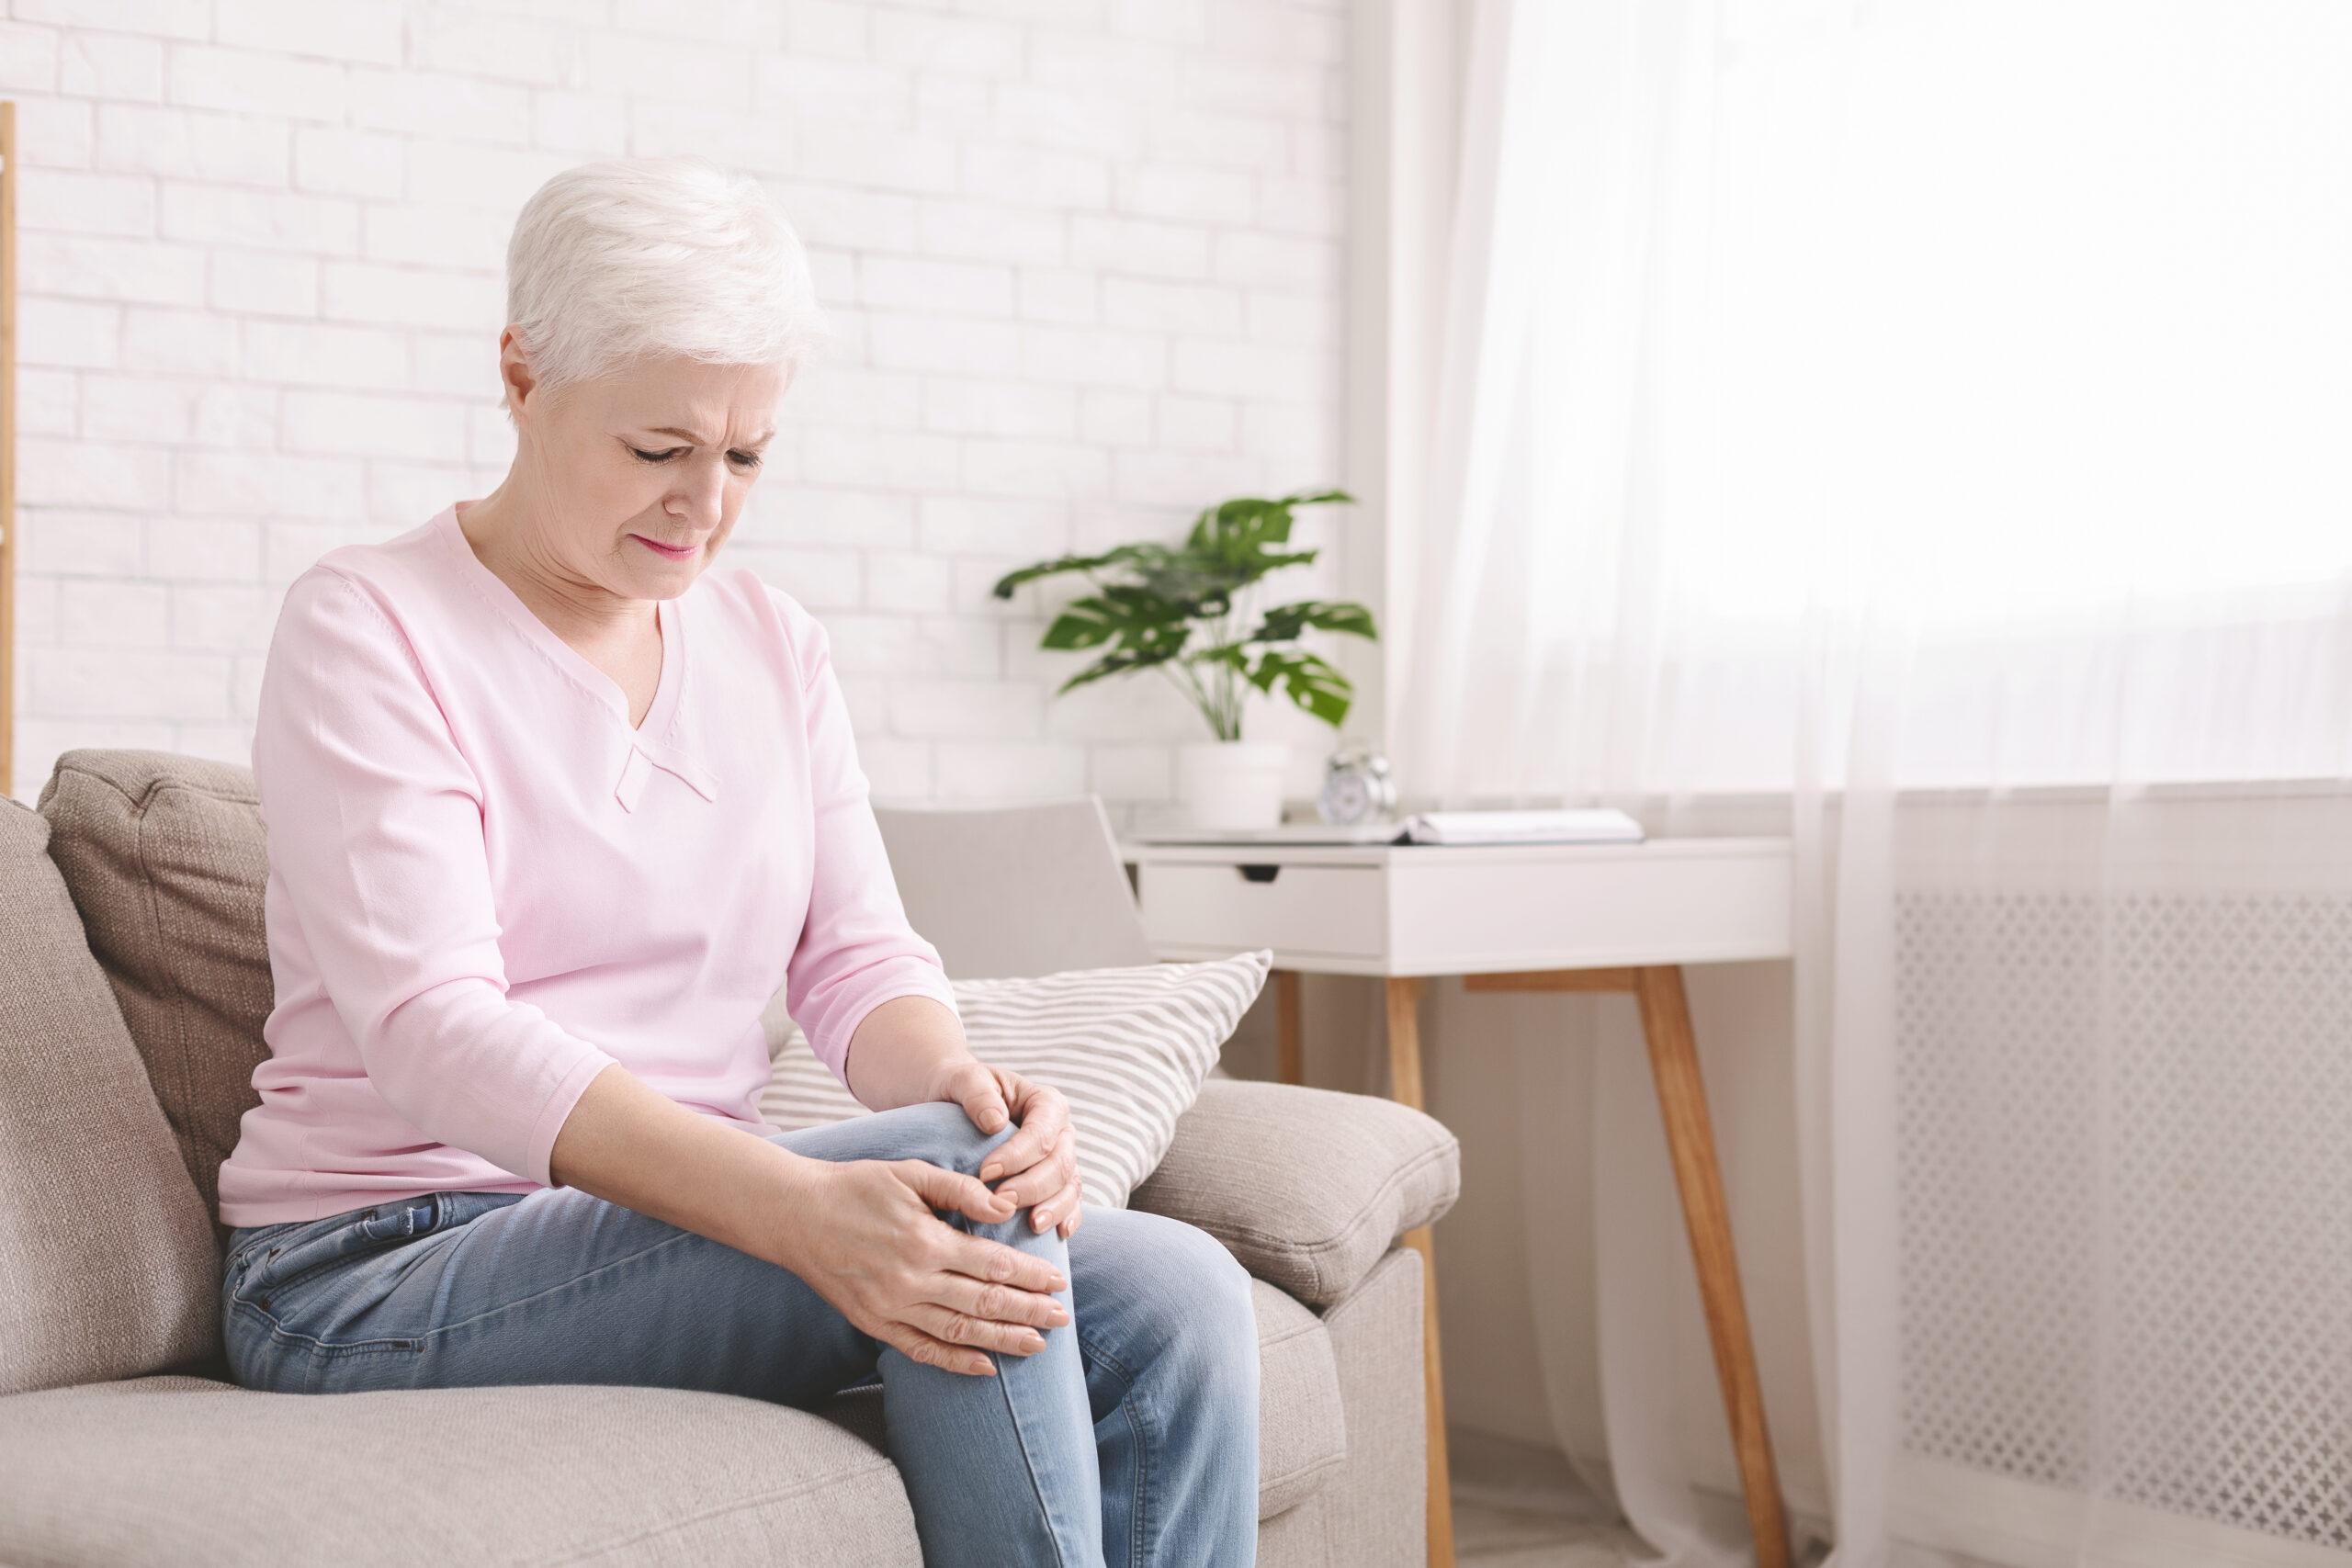 fysiotherapie bij knieartrose in fysiotherapie nijmegen van sport medisch centrum papendal